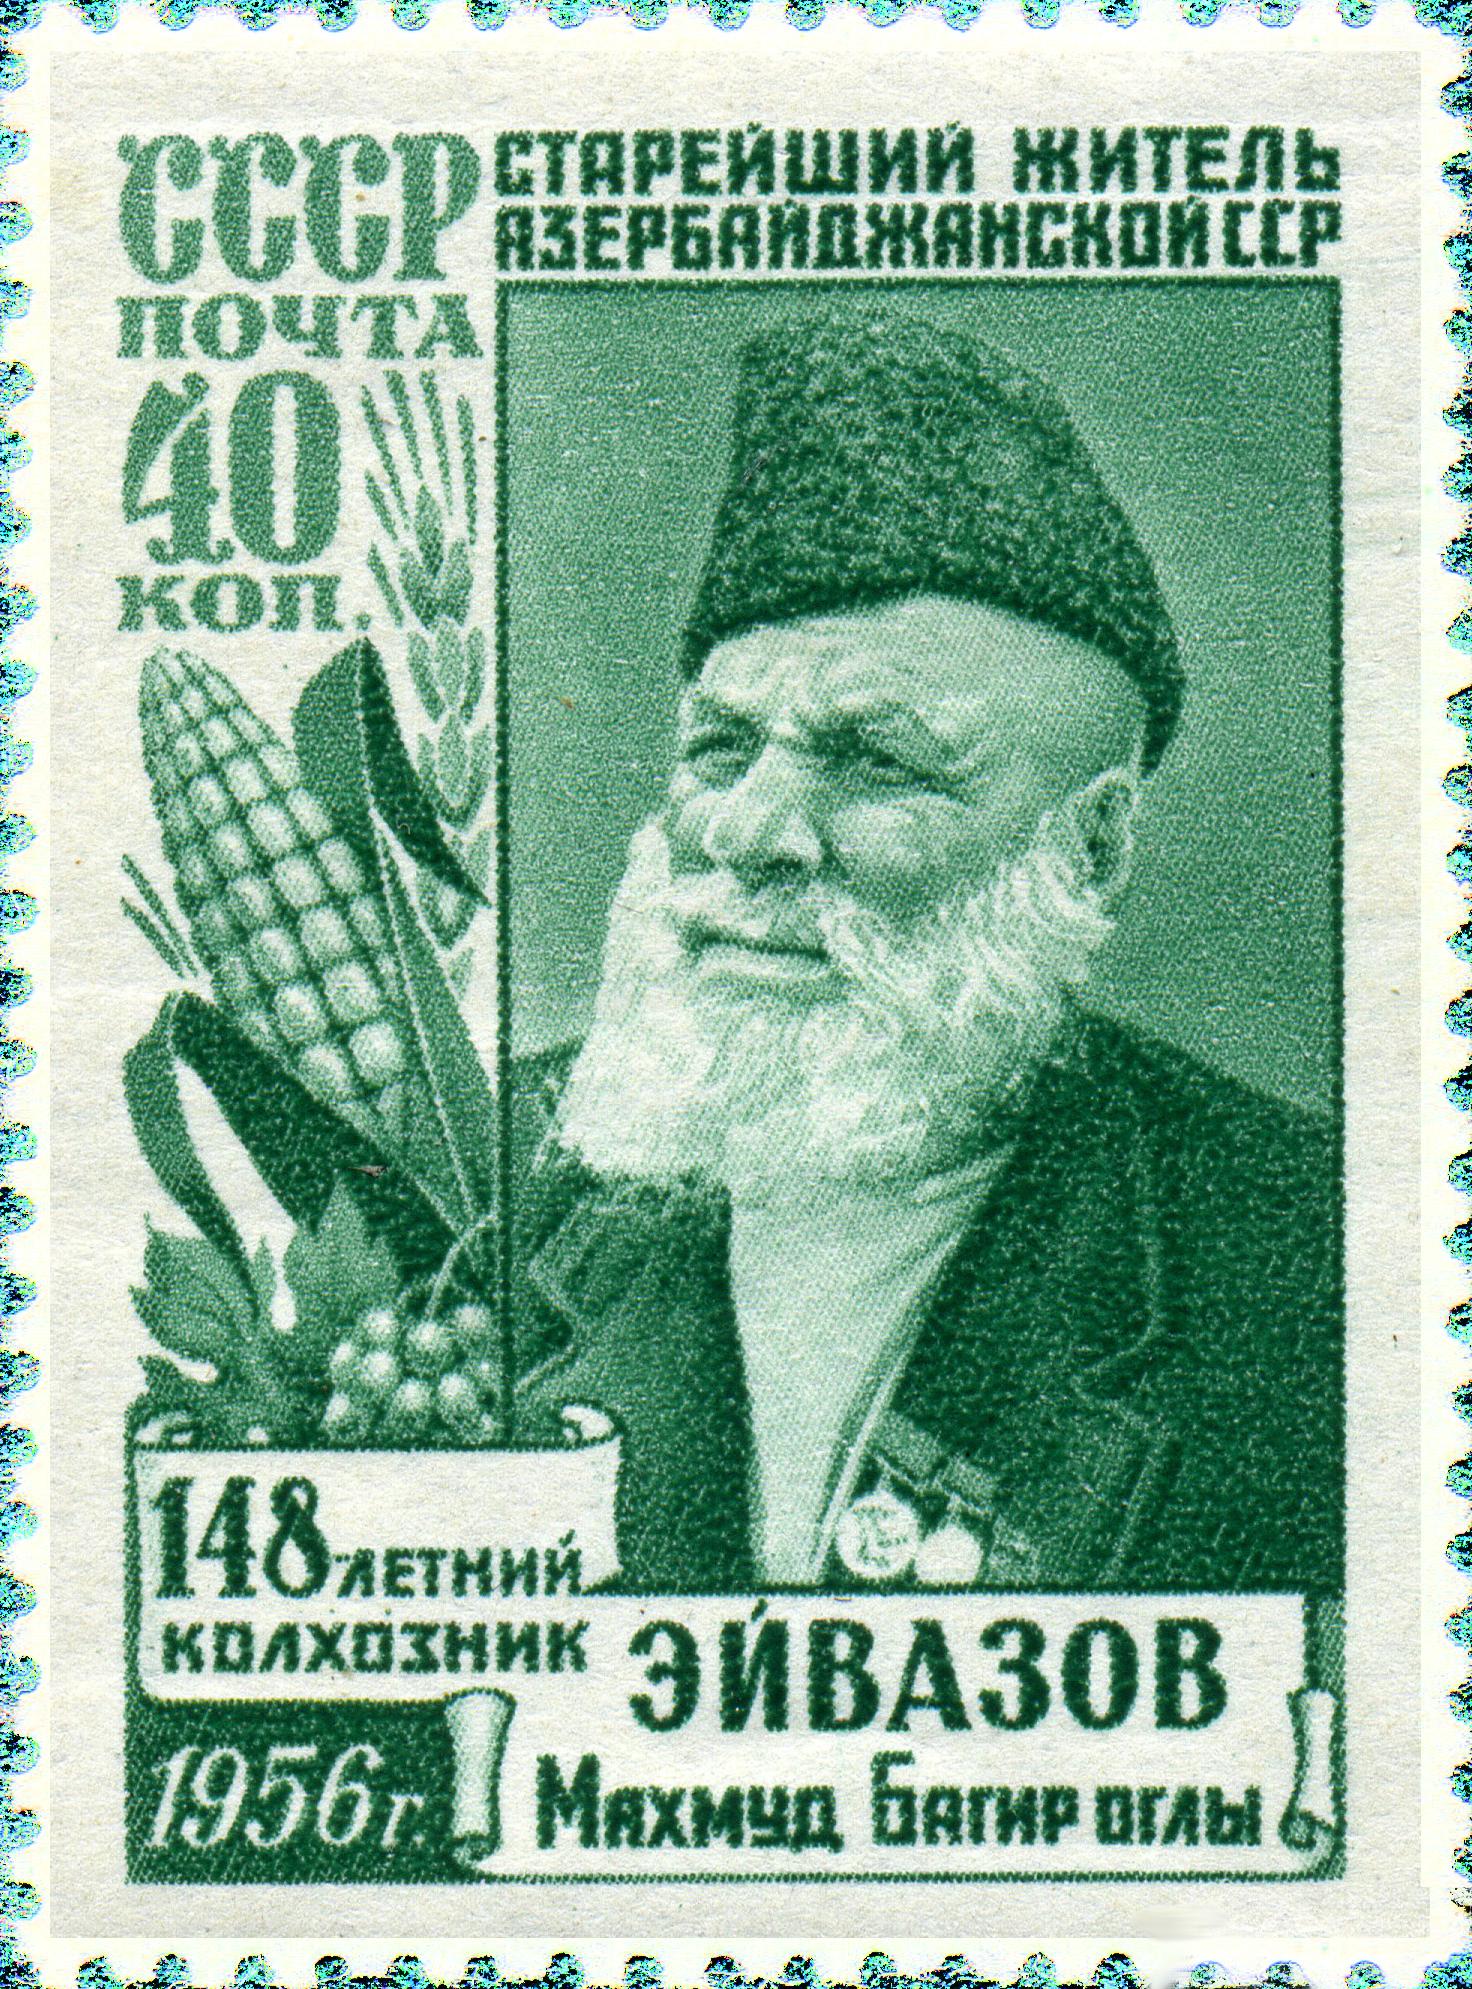 Долгожители в СССР, перешагнувшие 150-летний рубеж